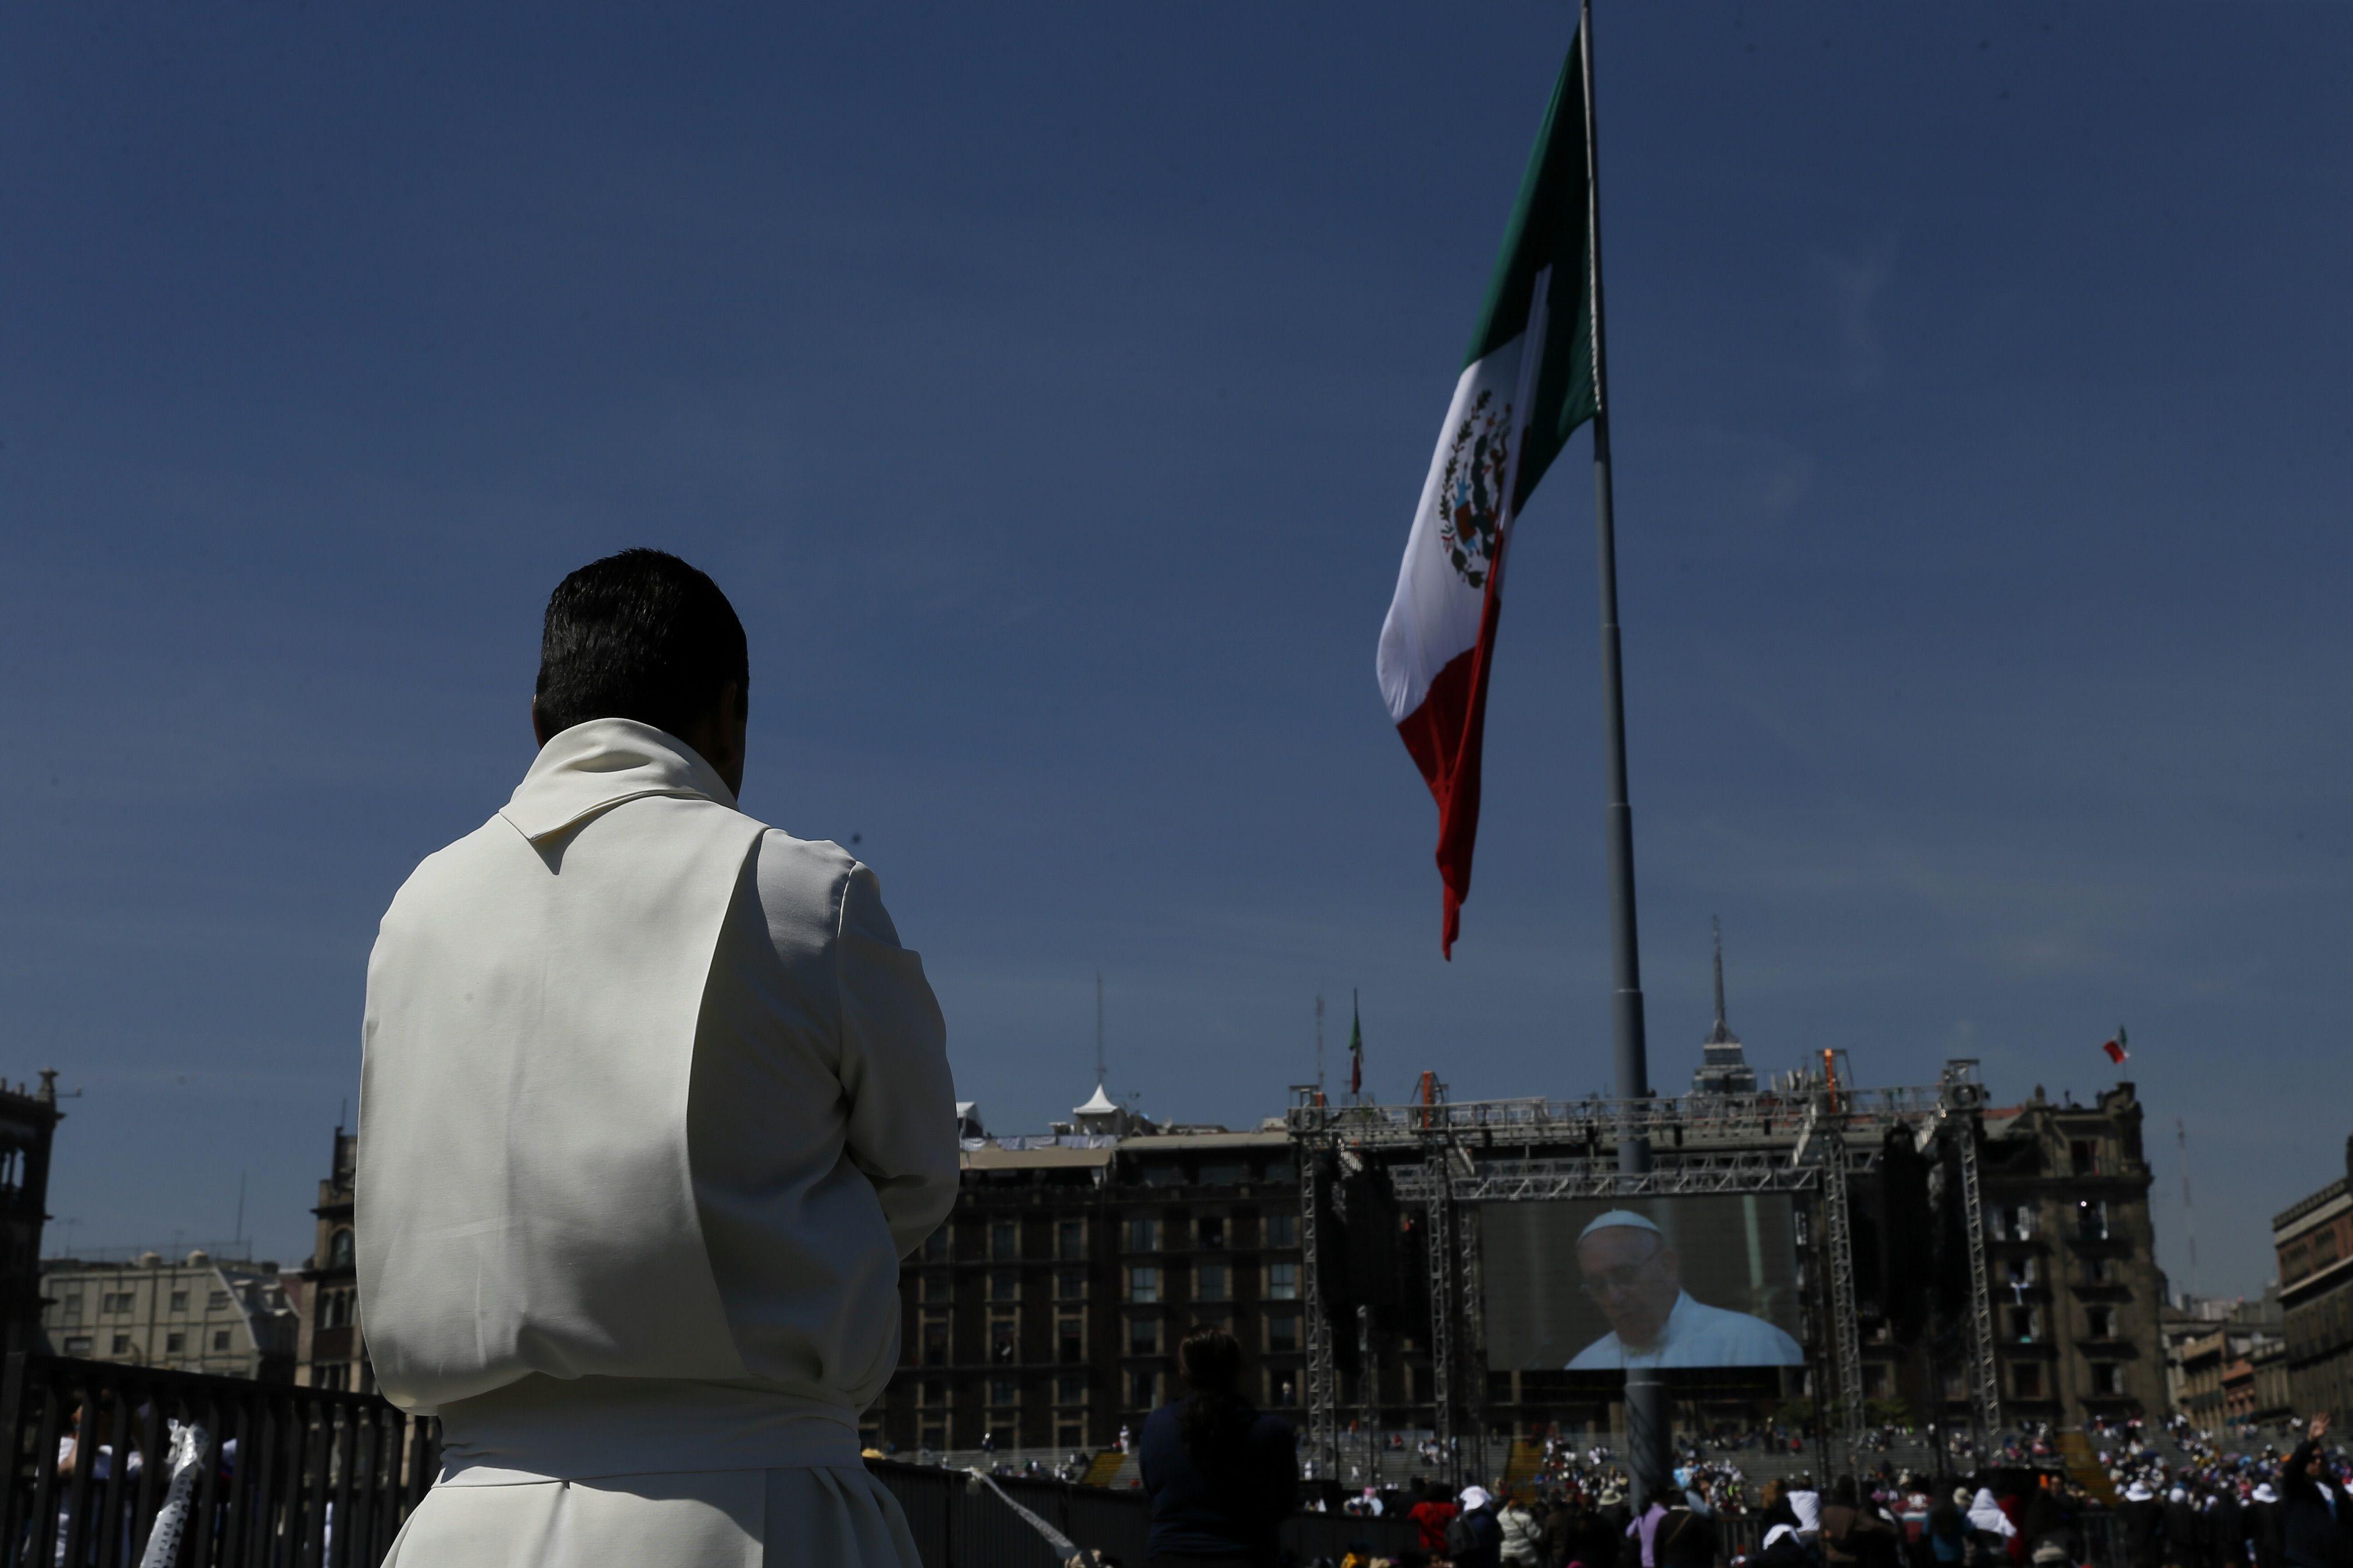 El Papa pidió a los obispos que no minusvaloren el desafío del narcotráfico